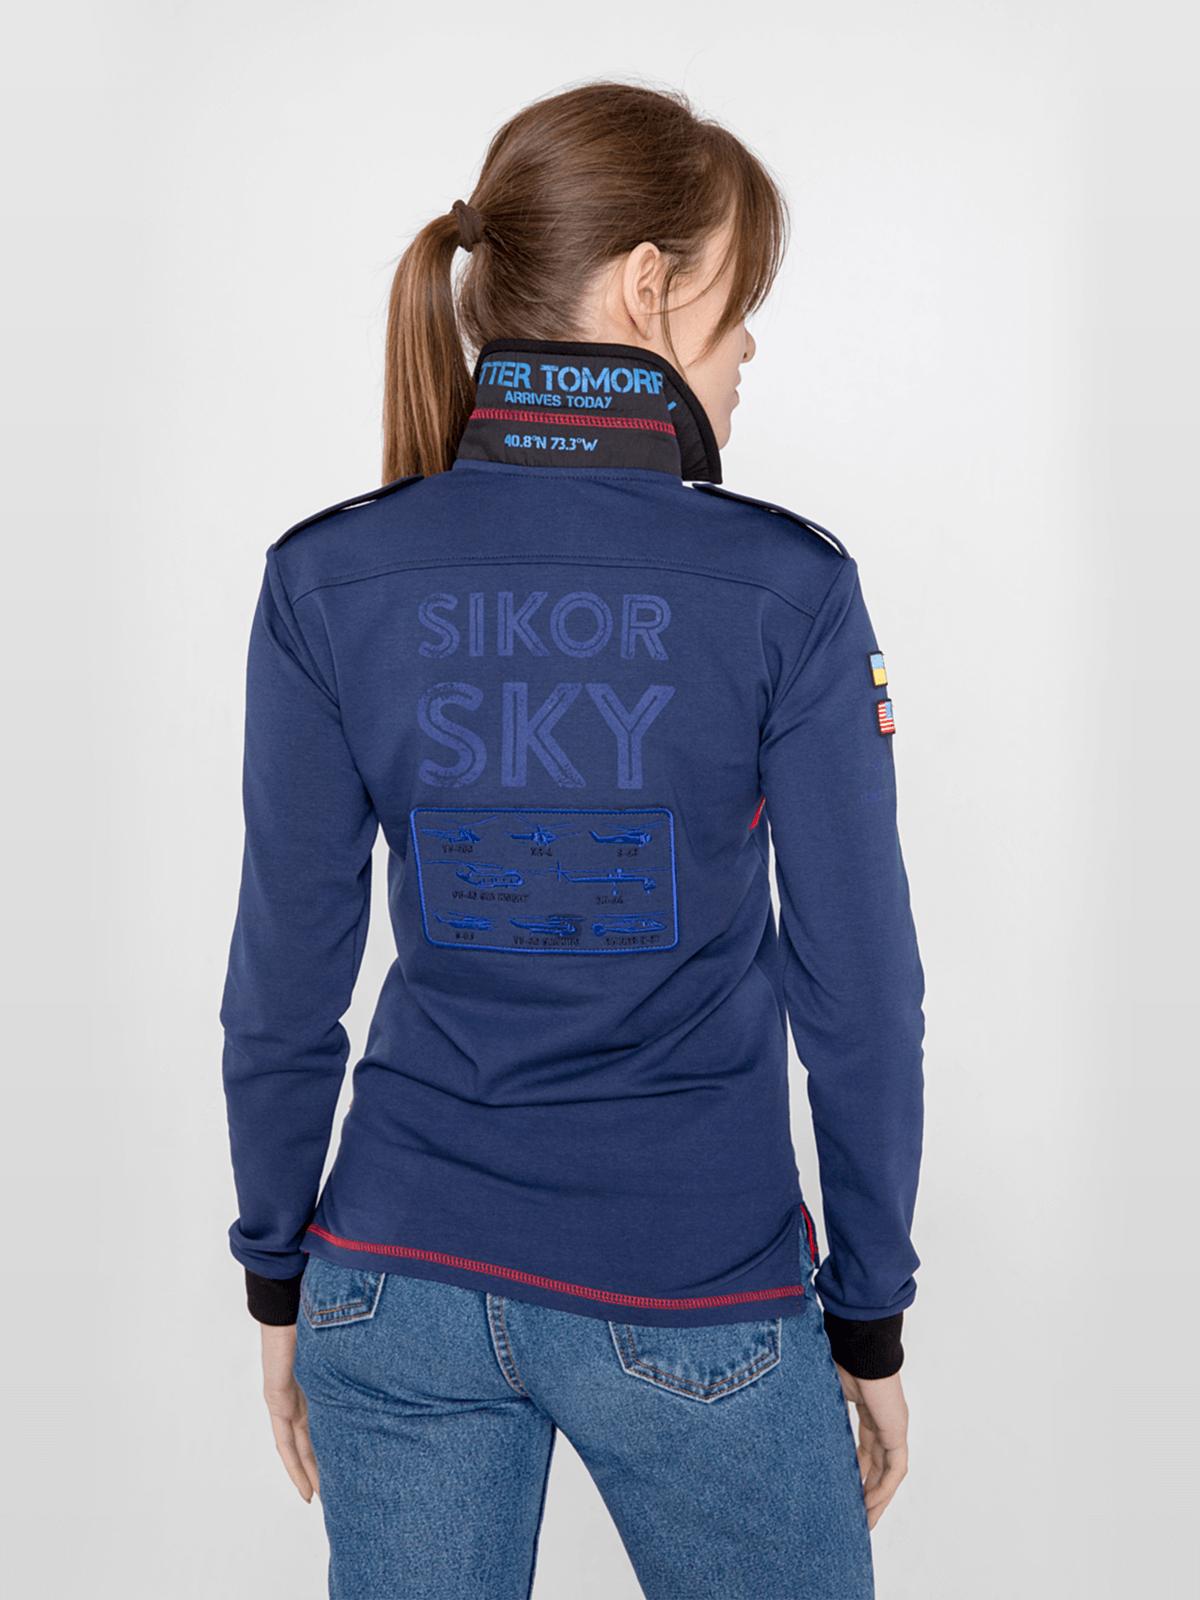 Жіноче Поло-Лонґ Sikorsky. Колір синій.  Не варто переживати за універсальний розмір.